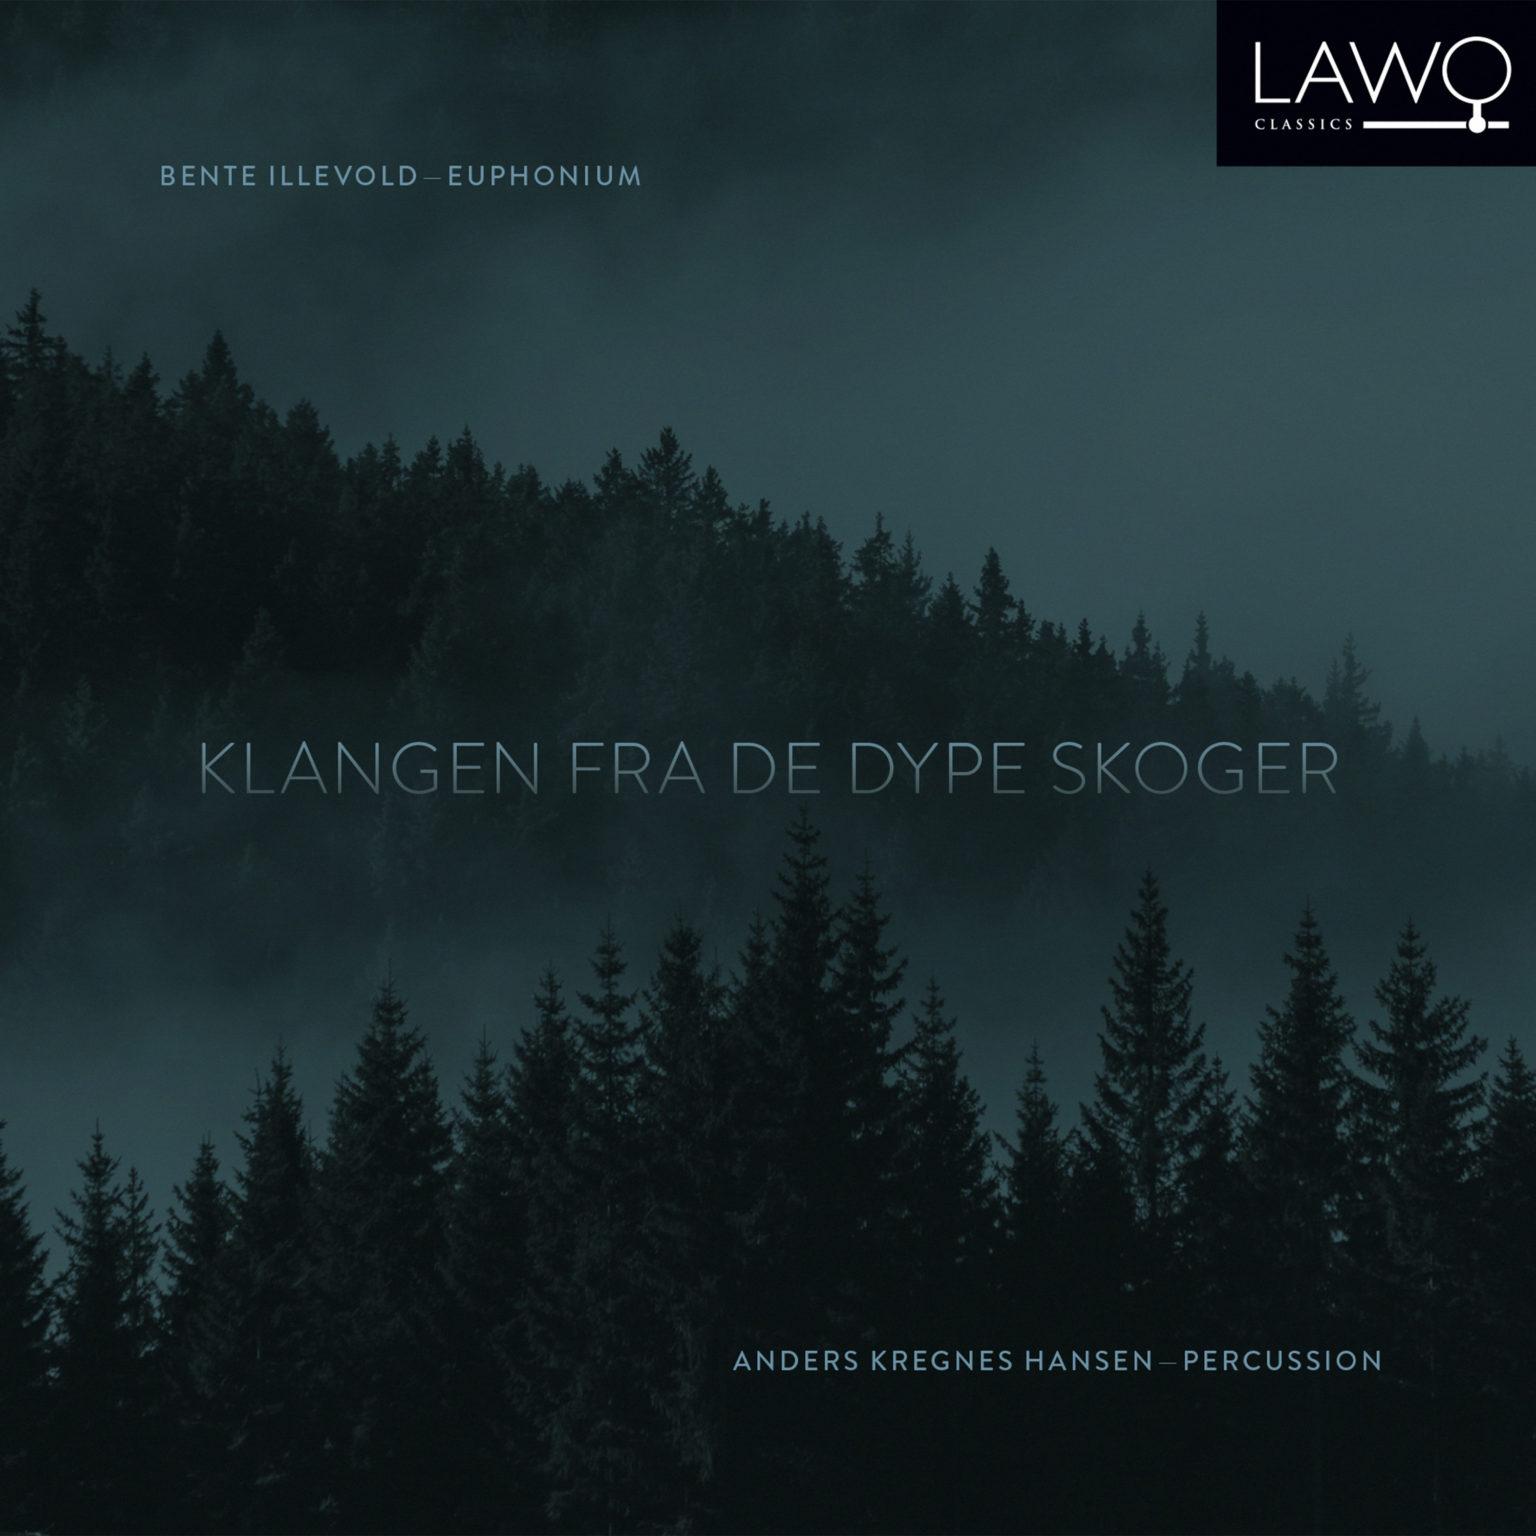 Click image for larger version.  Name:LWC1195_Bente_Illevold_Klangen_fra_de_dype_skoger_cover_3000x3000px-1536x1536.jpg Views:899 Size:174.8 KB ID:7720